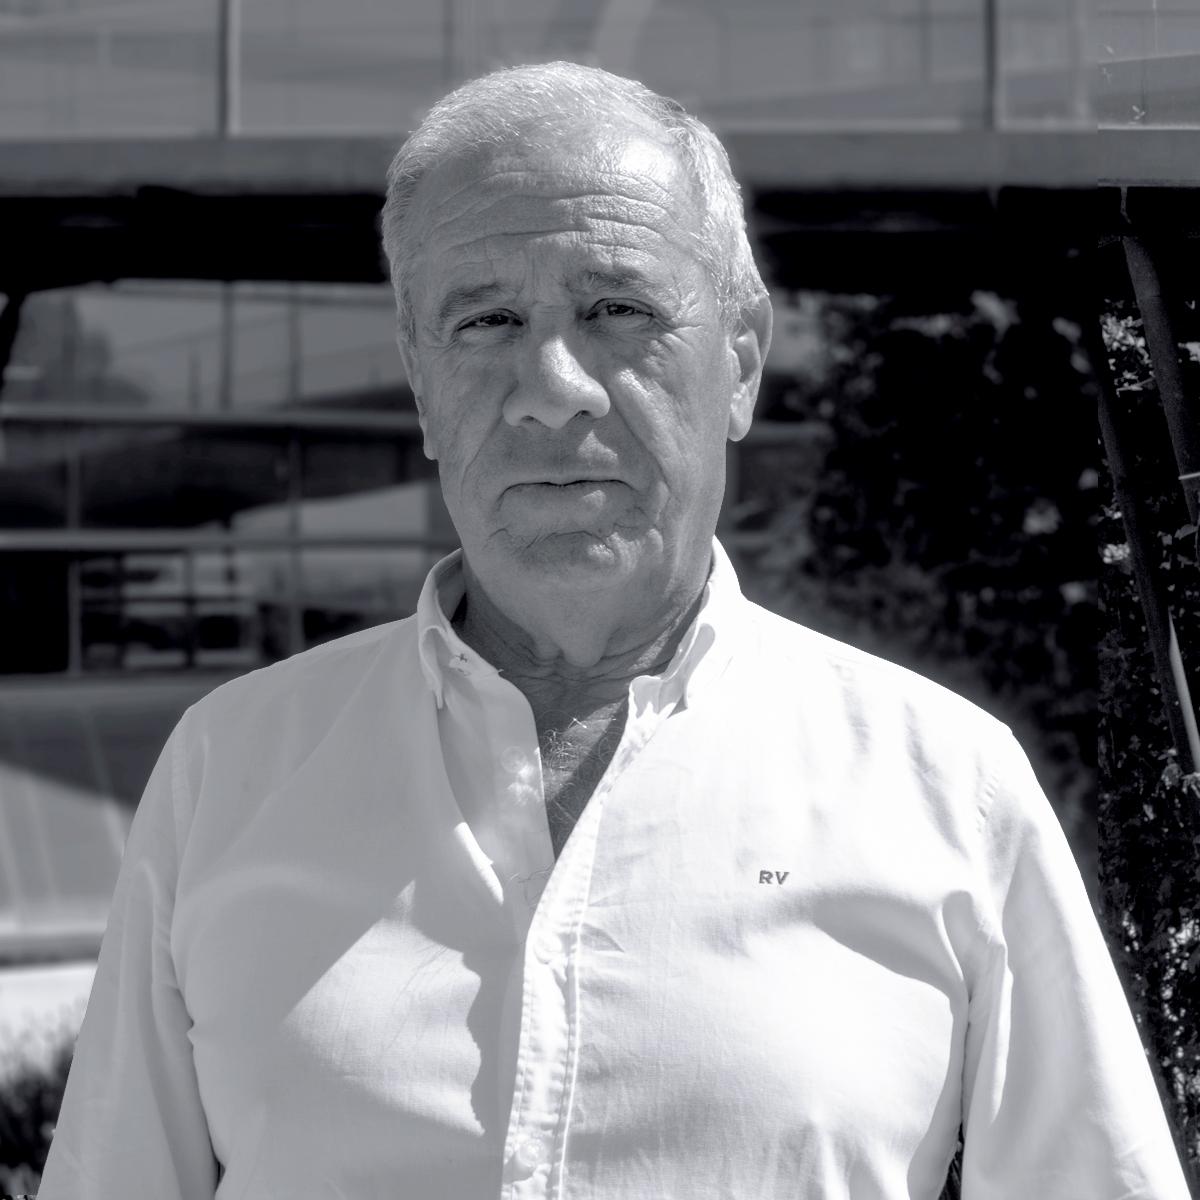 Eduardo M. Sebastián Pardo